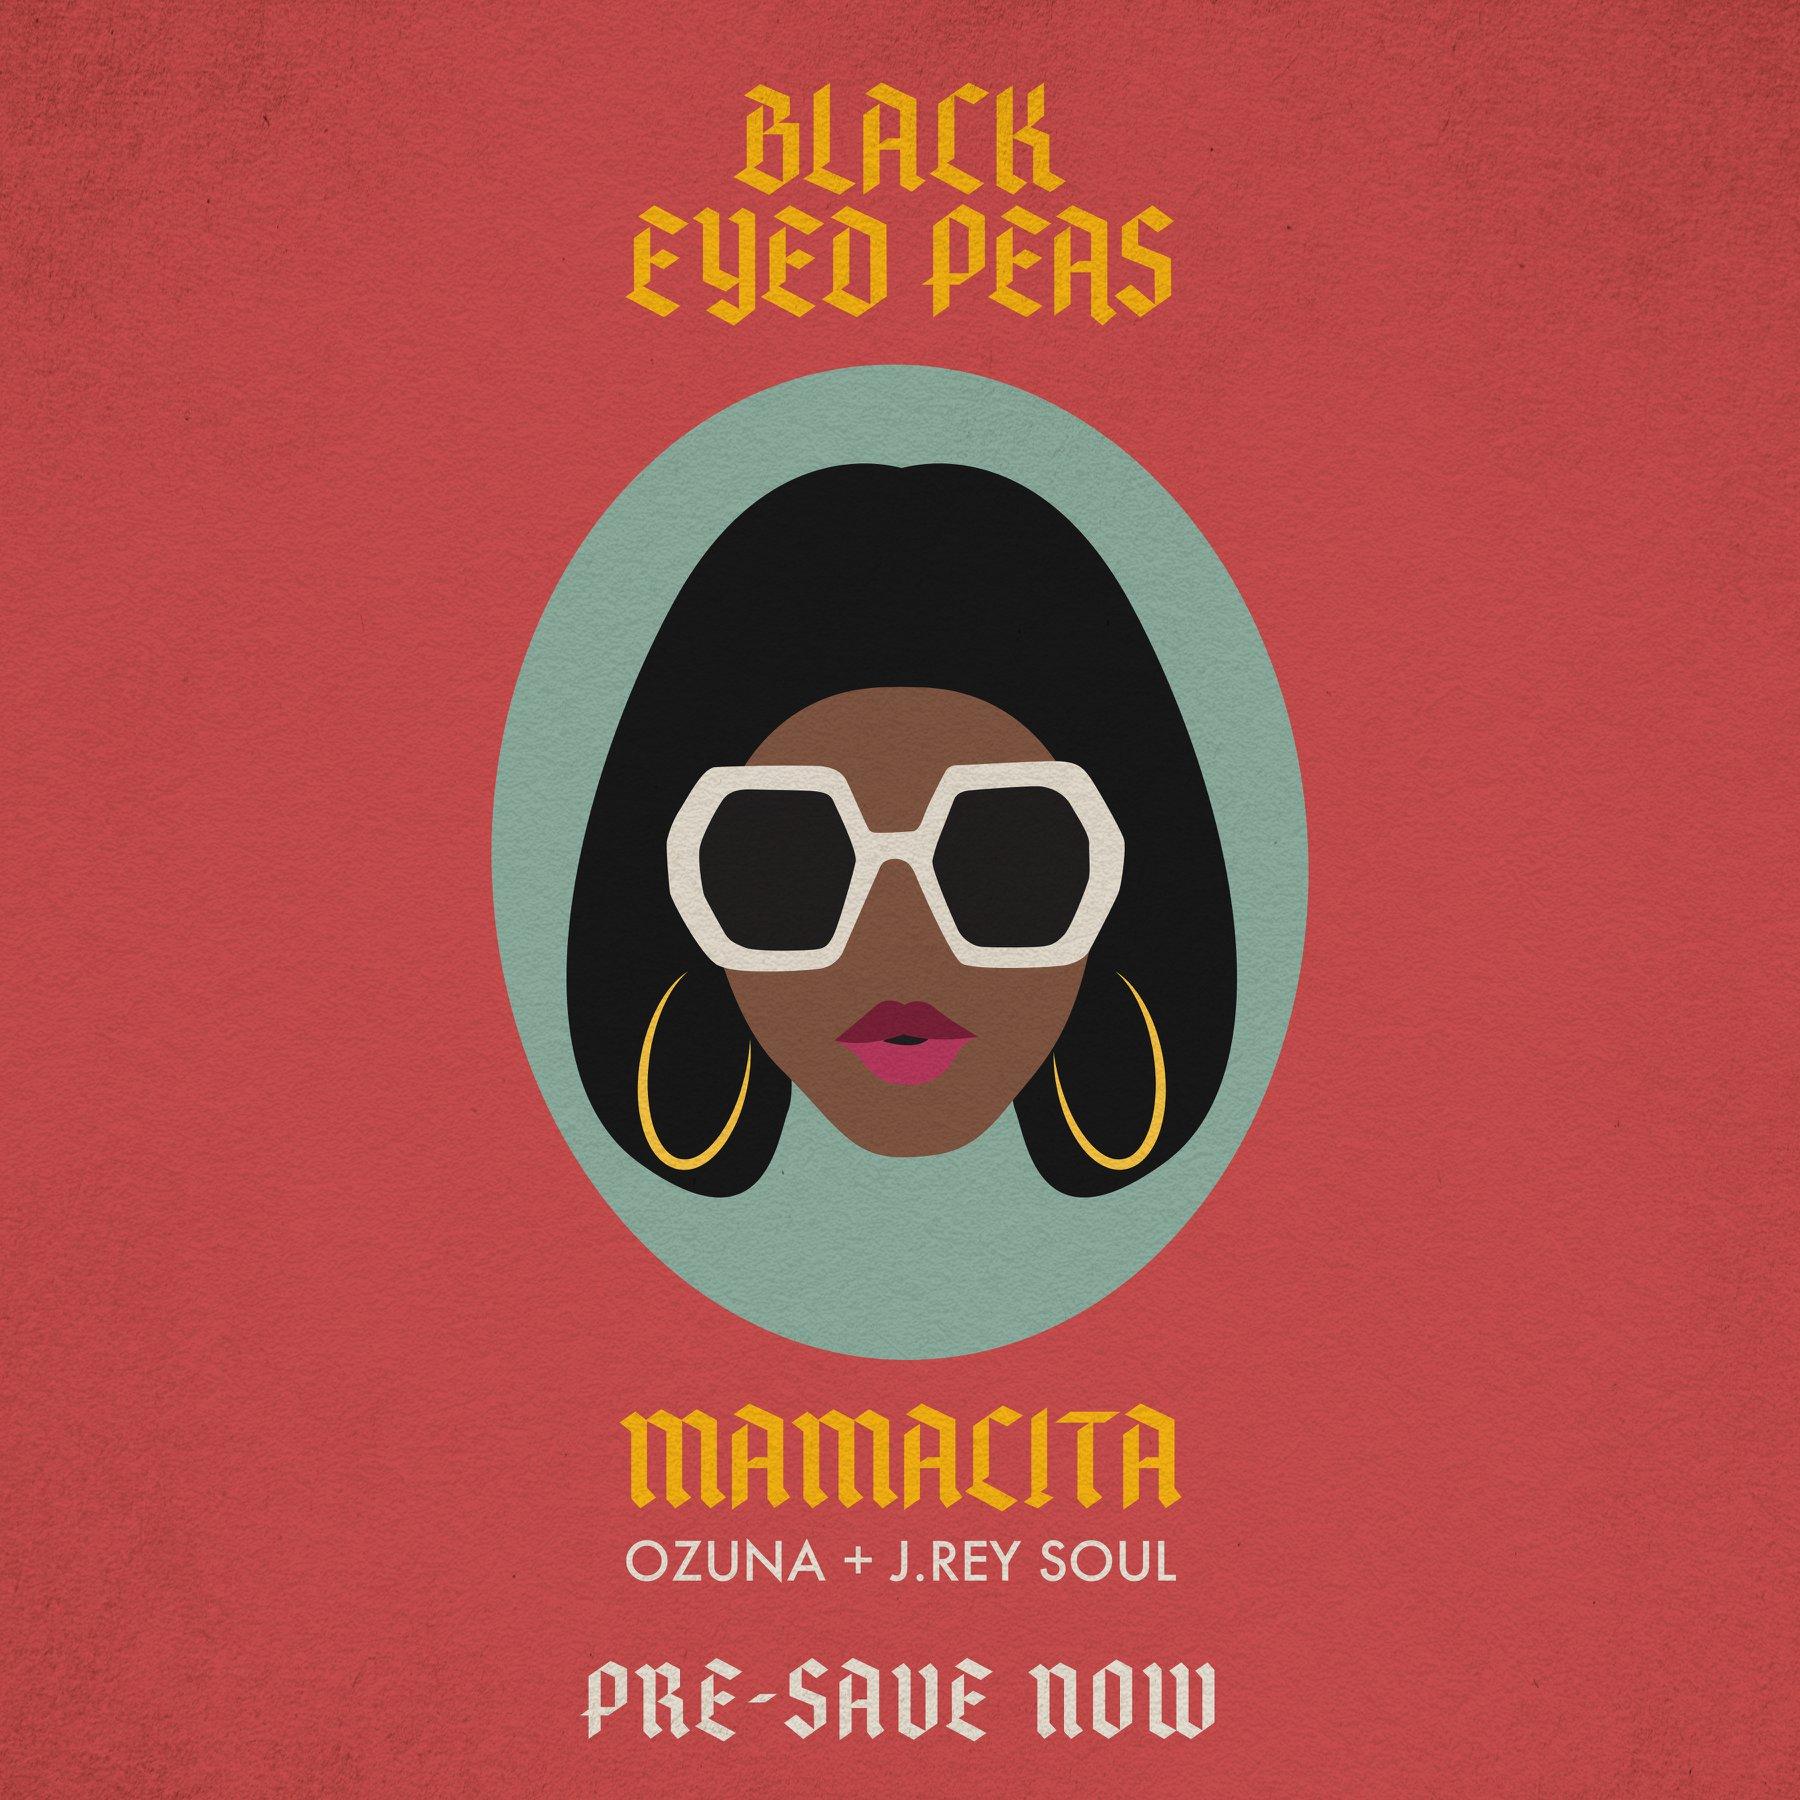 Black Eyed Peas3